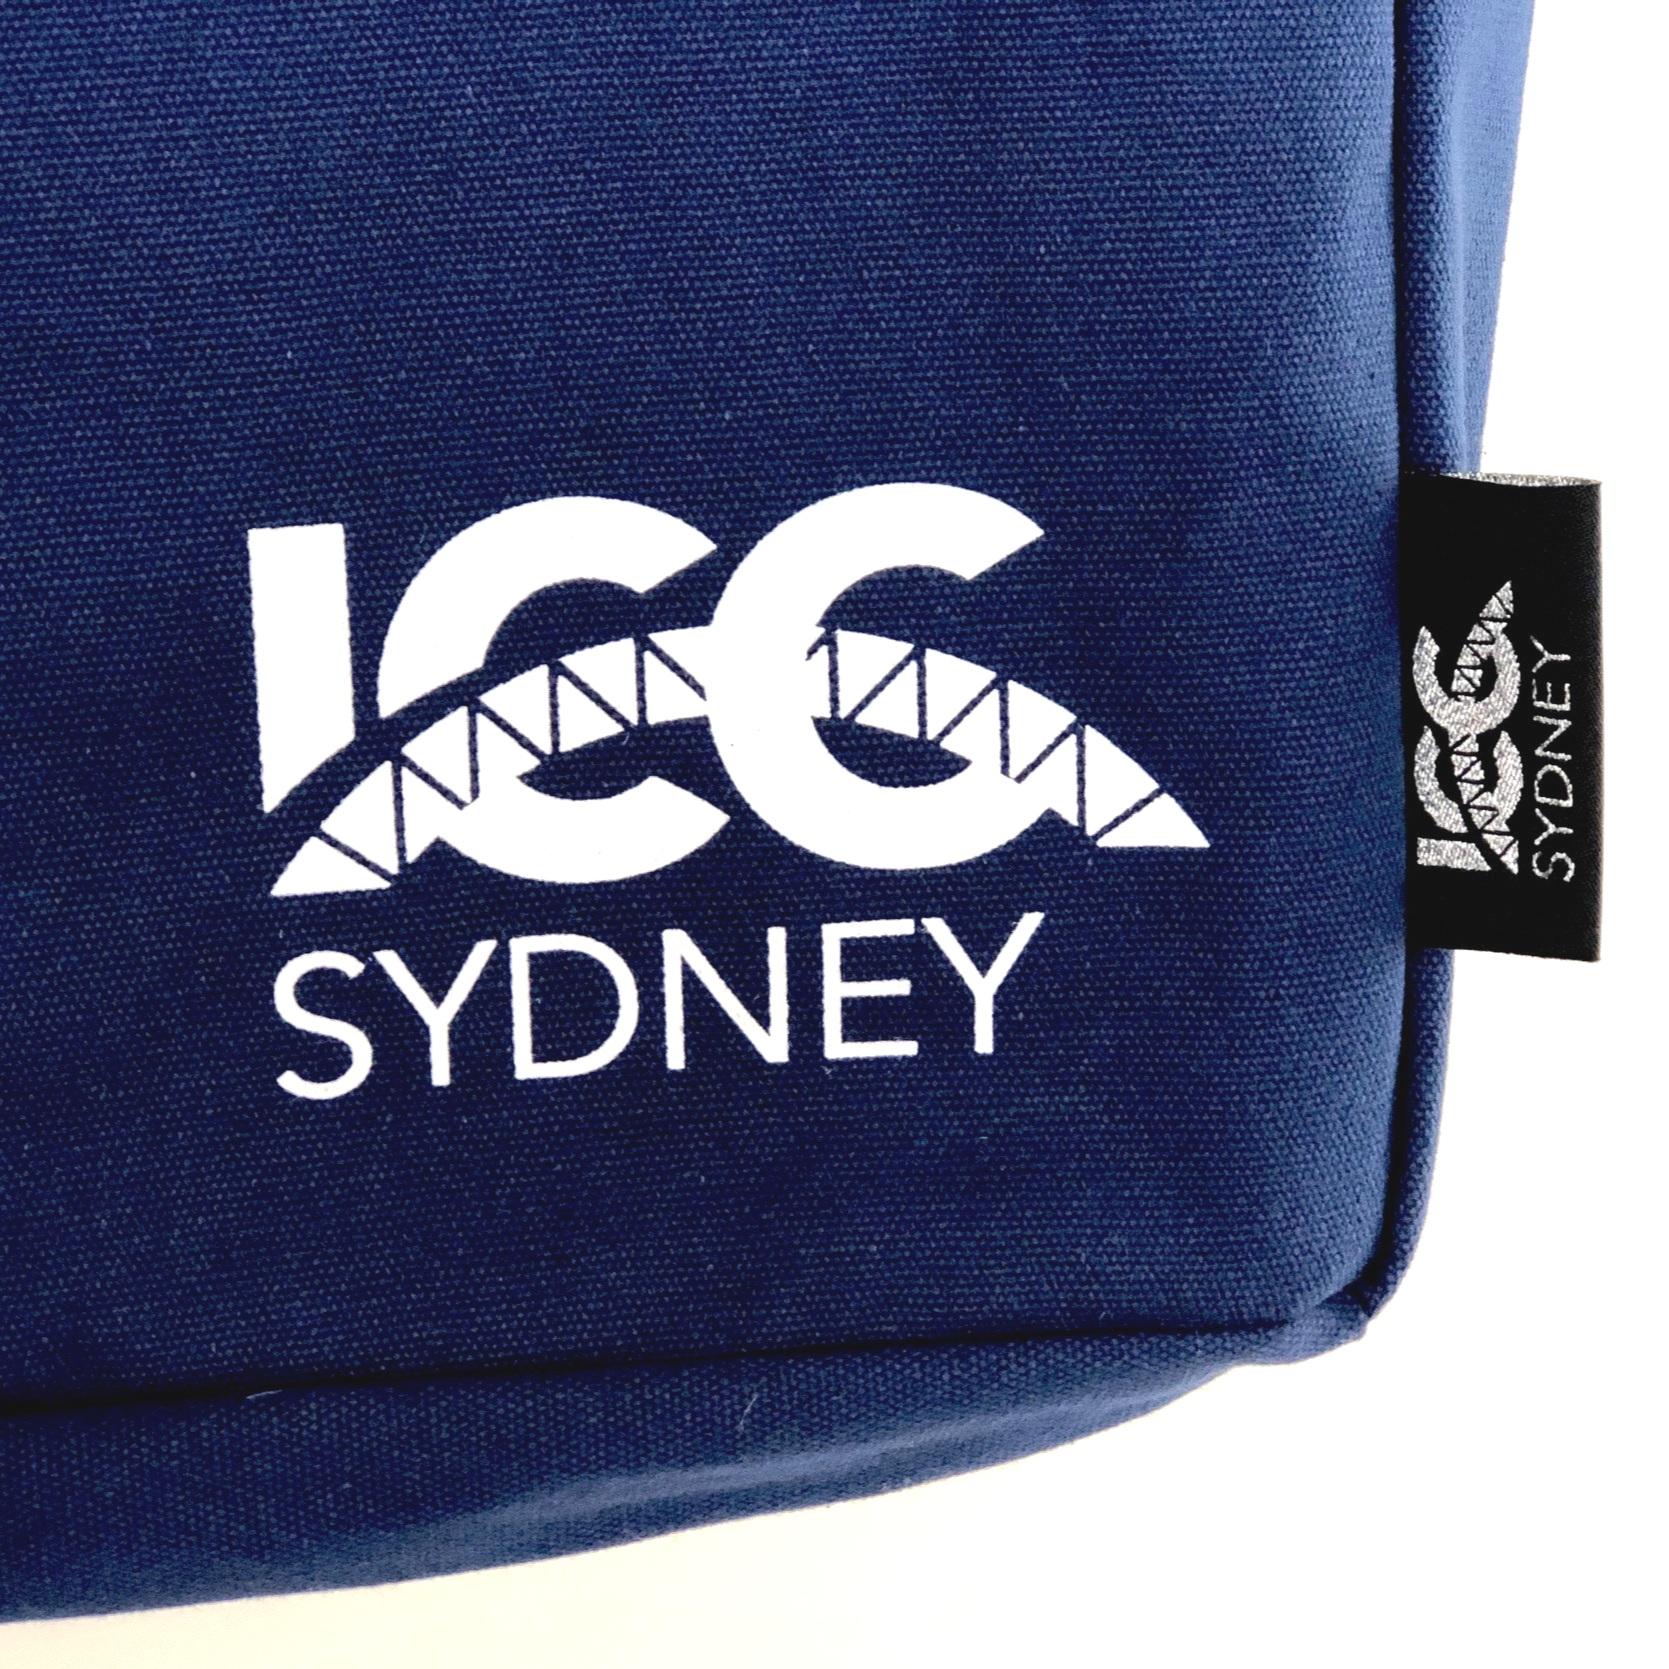 ICC+Sydney+blue+silver.jpg